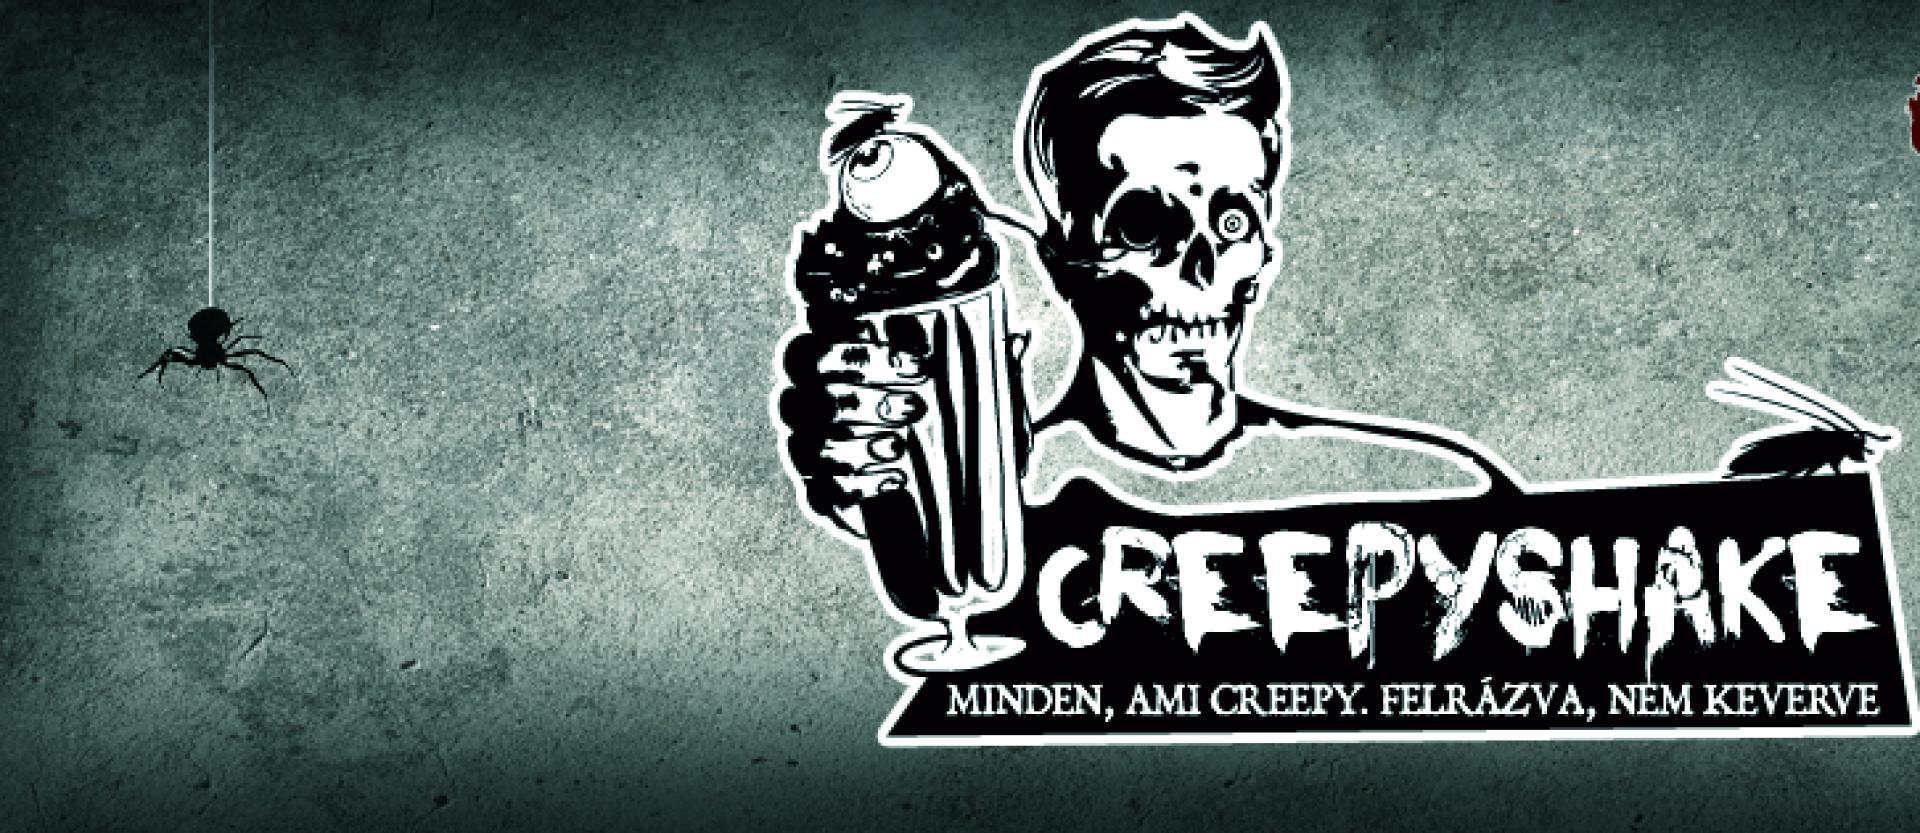 Creepy kedvencek 2017. szeptember